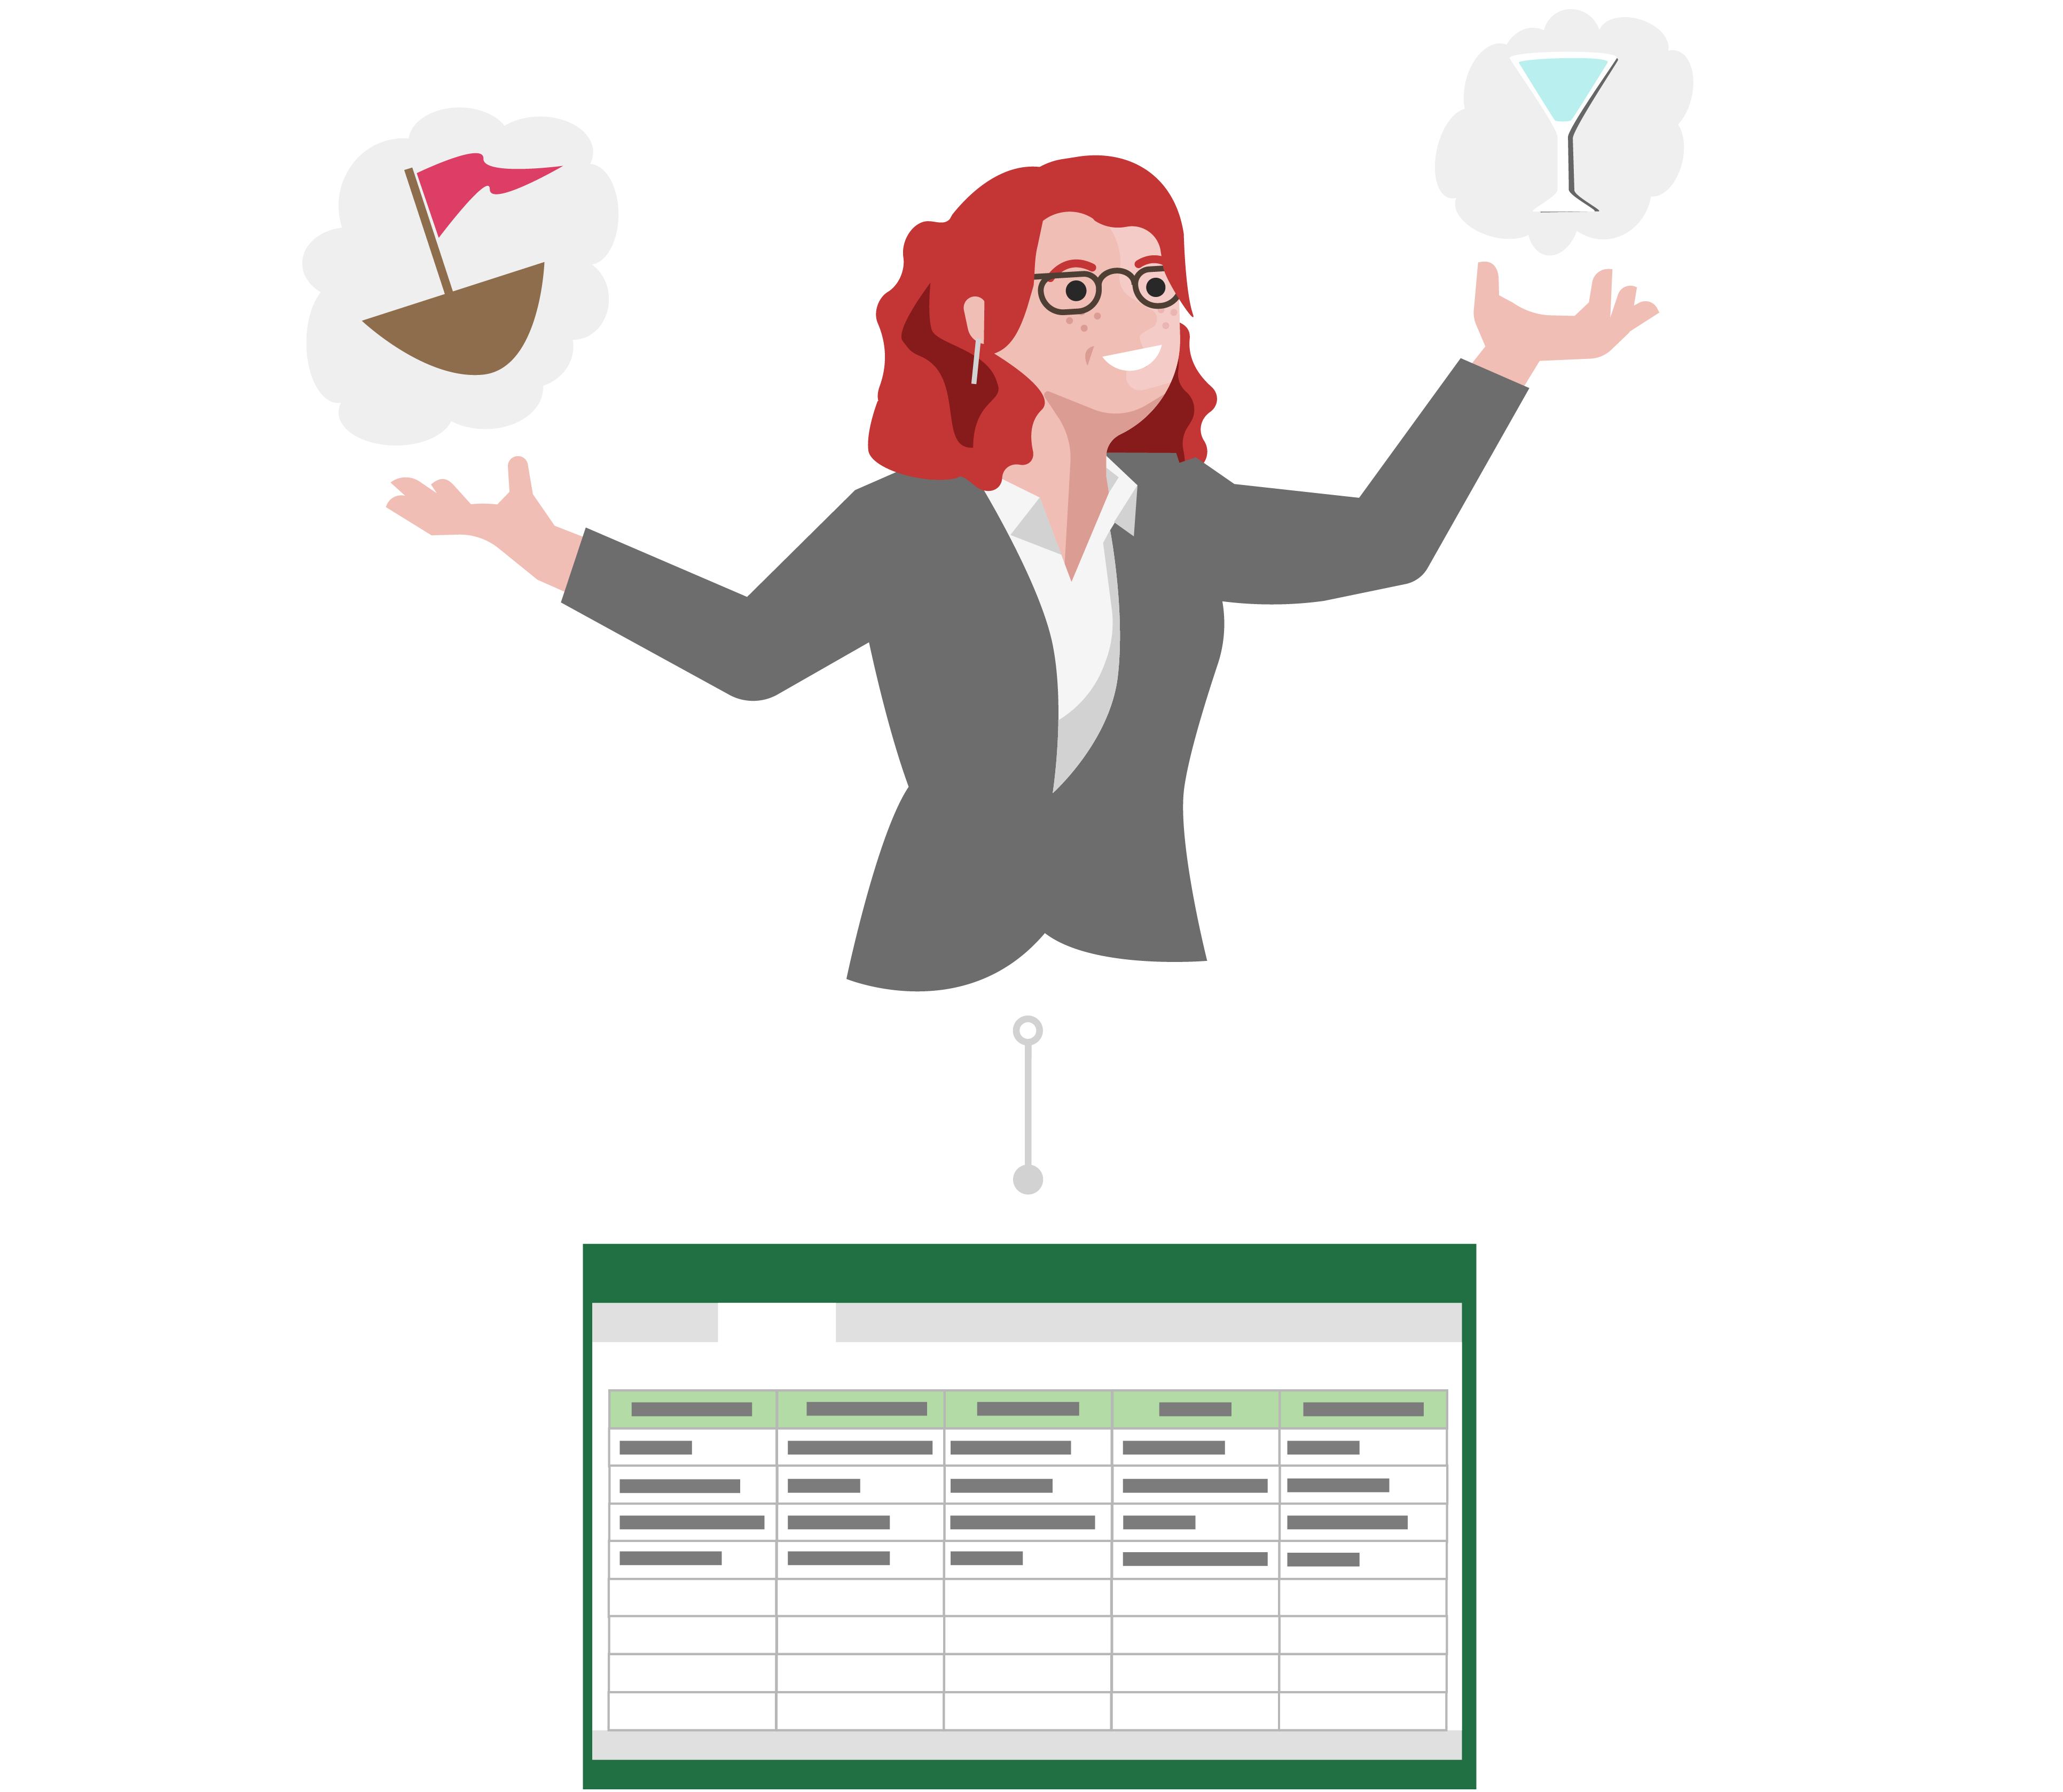 Linda potrebuje pripomienky k jej nápadom, a tak vytvorí tabuľkový hárok a uloží ho do cloudu.